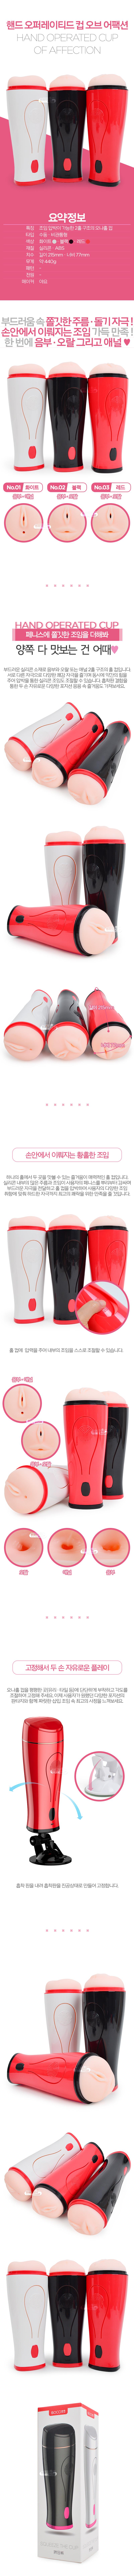 [압박 조임+2홀 구조] 핸드 오퍼레이티드 컵 오브 어팩션(Hand Operated Cup of Affection)